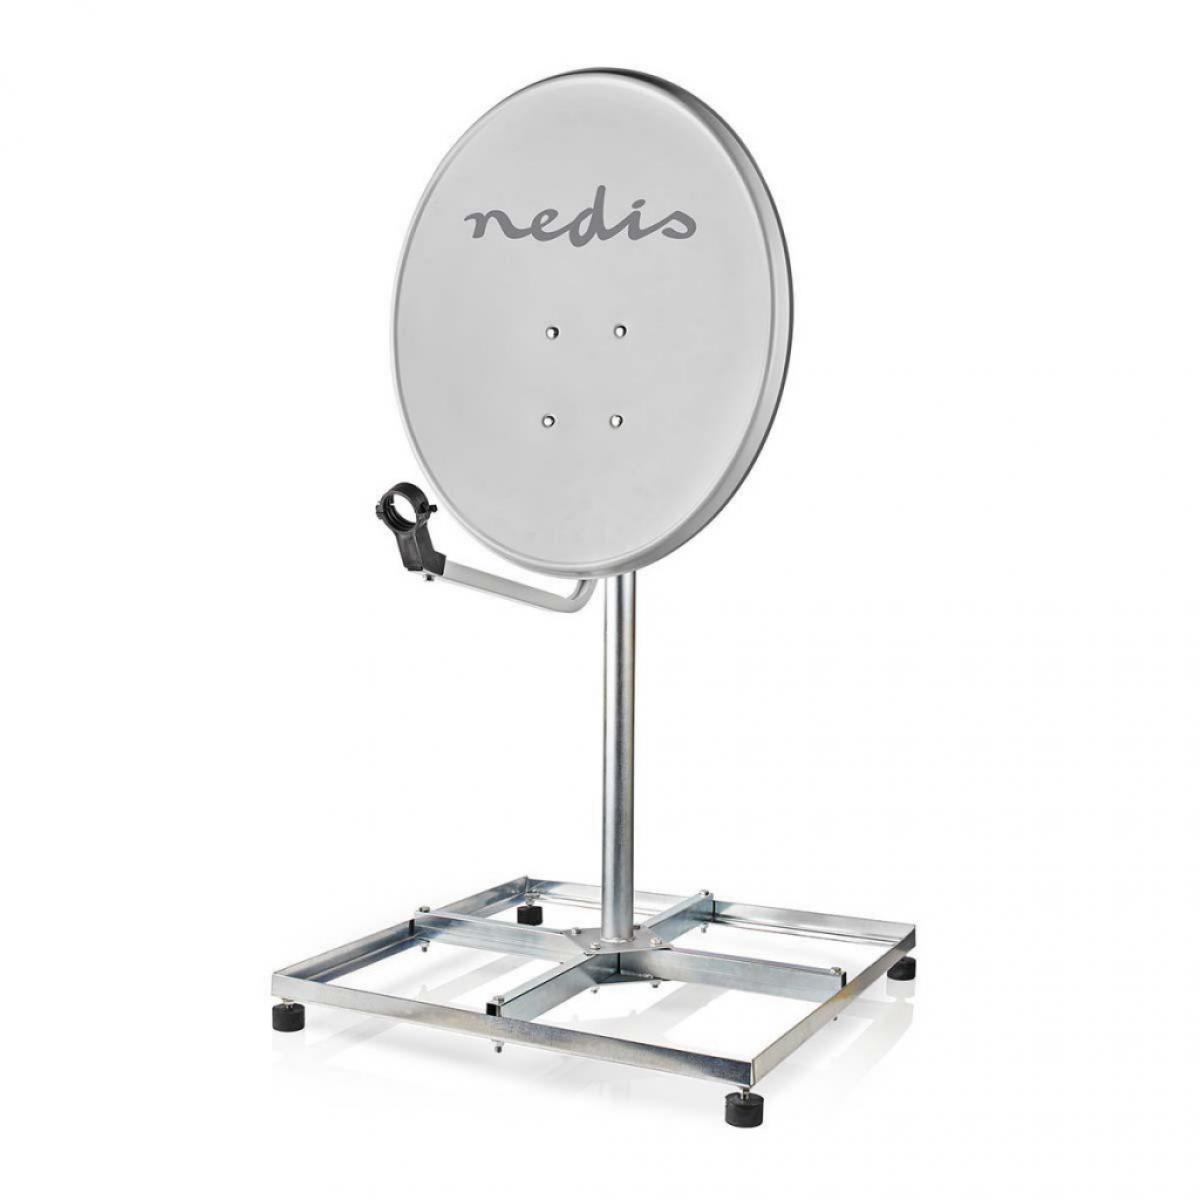 Nedis Socle de Satellite pour Balcon | Taille Maximale de l'Antenne Parabolique : 90 cm | 4 x 30 x 30 cm | Acier